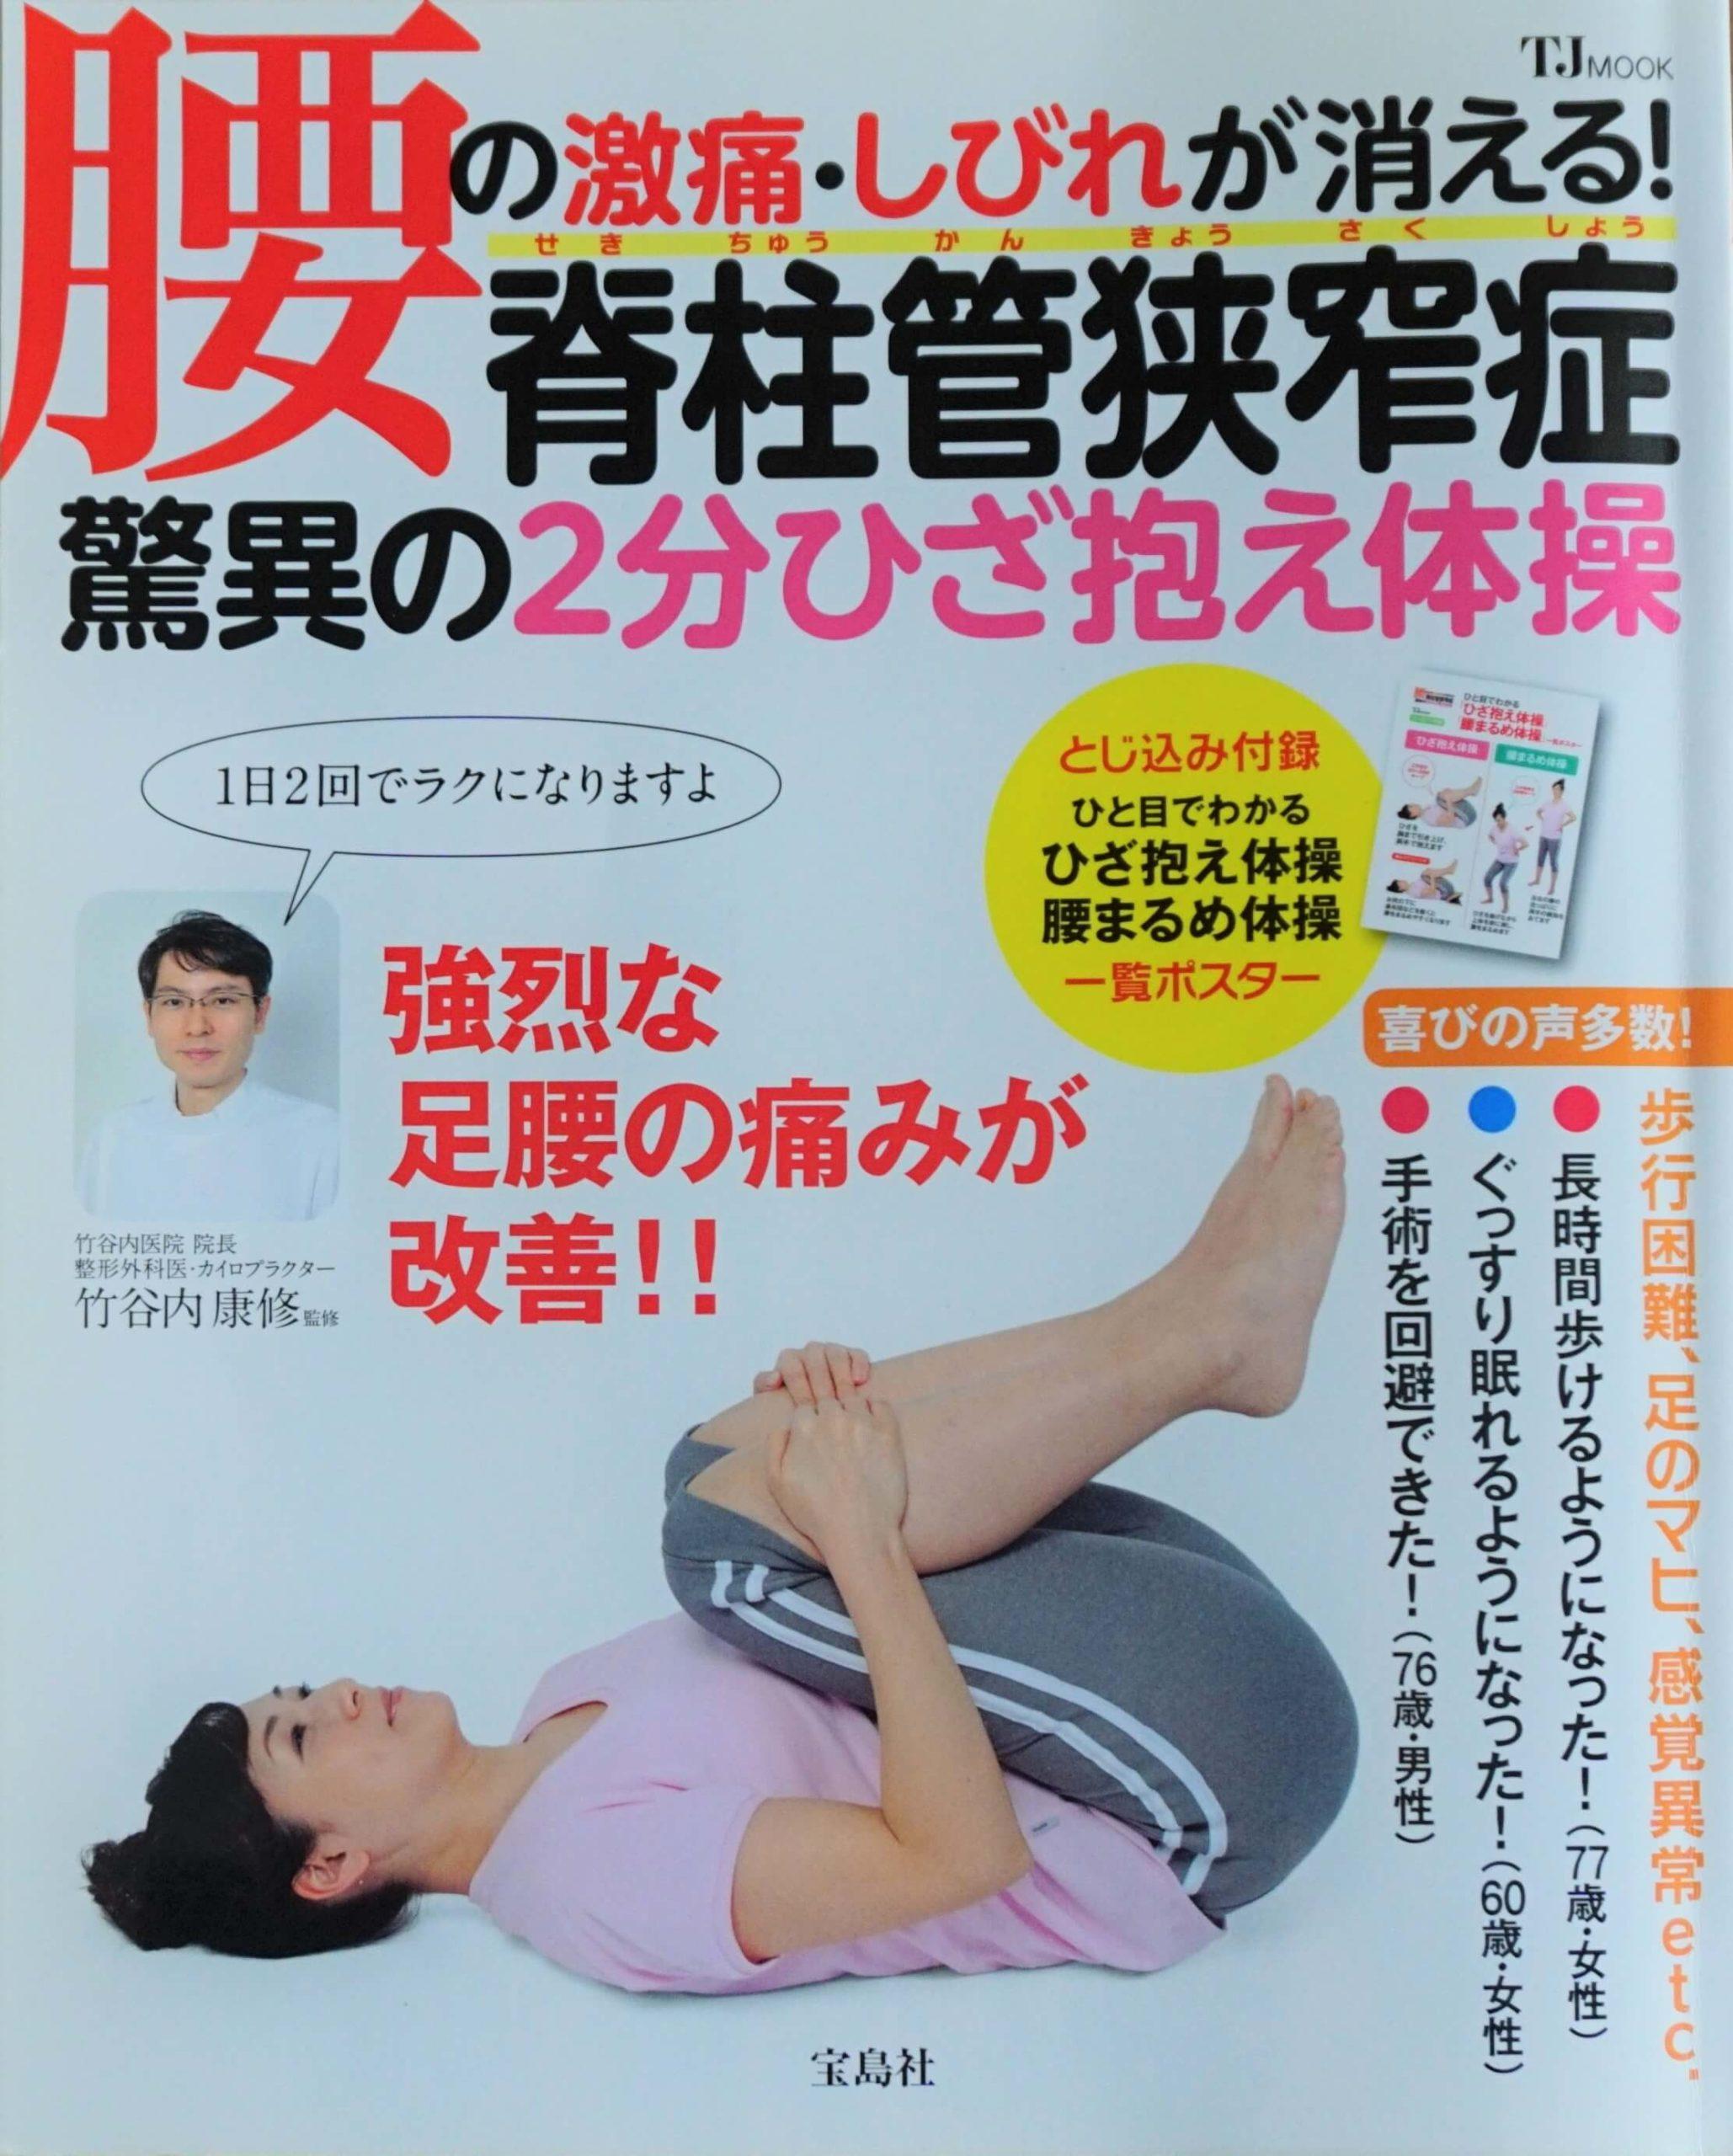 腰の激痛・しびれが消える-脊柱管狭窄症-驚異の2分ひざ抱え体操